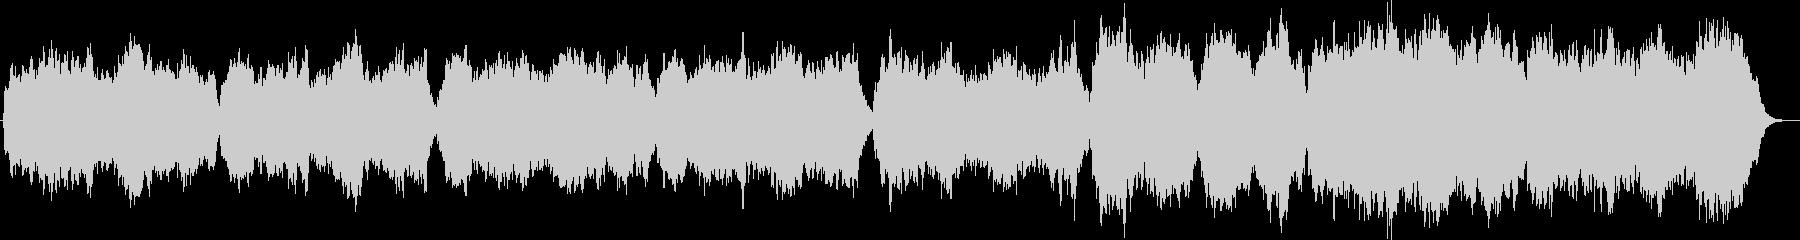 弦楽とハープシコードのバロックオリジナルの未再生の波形